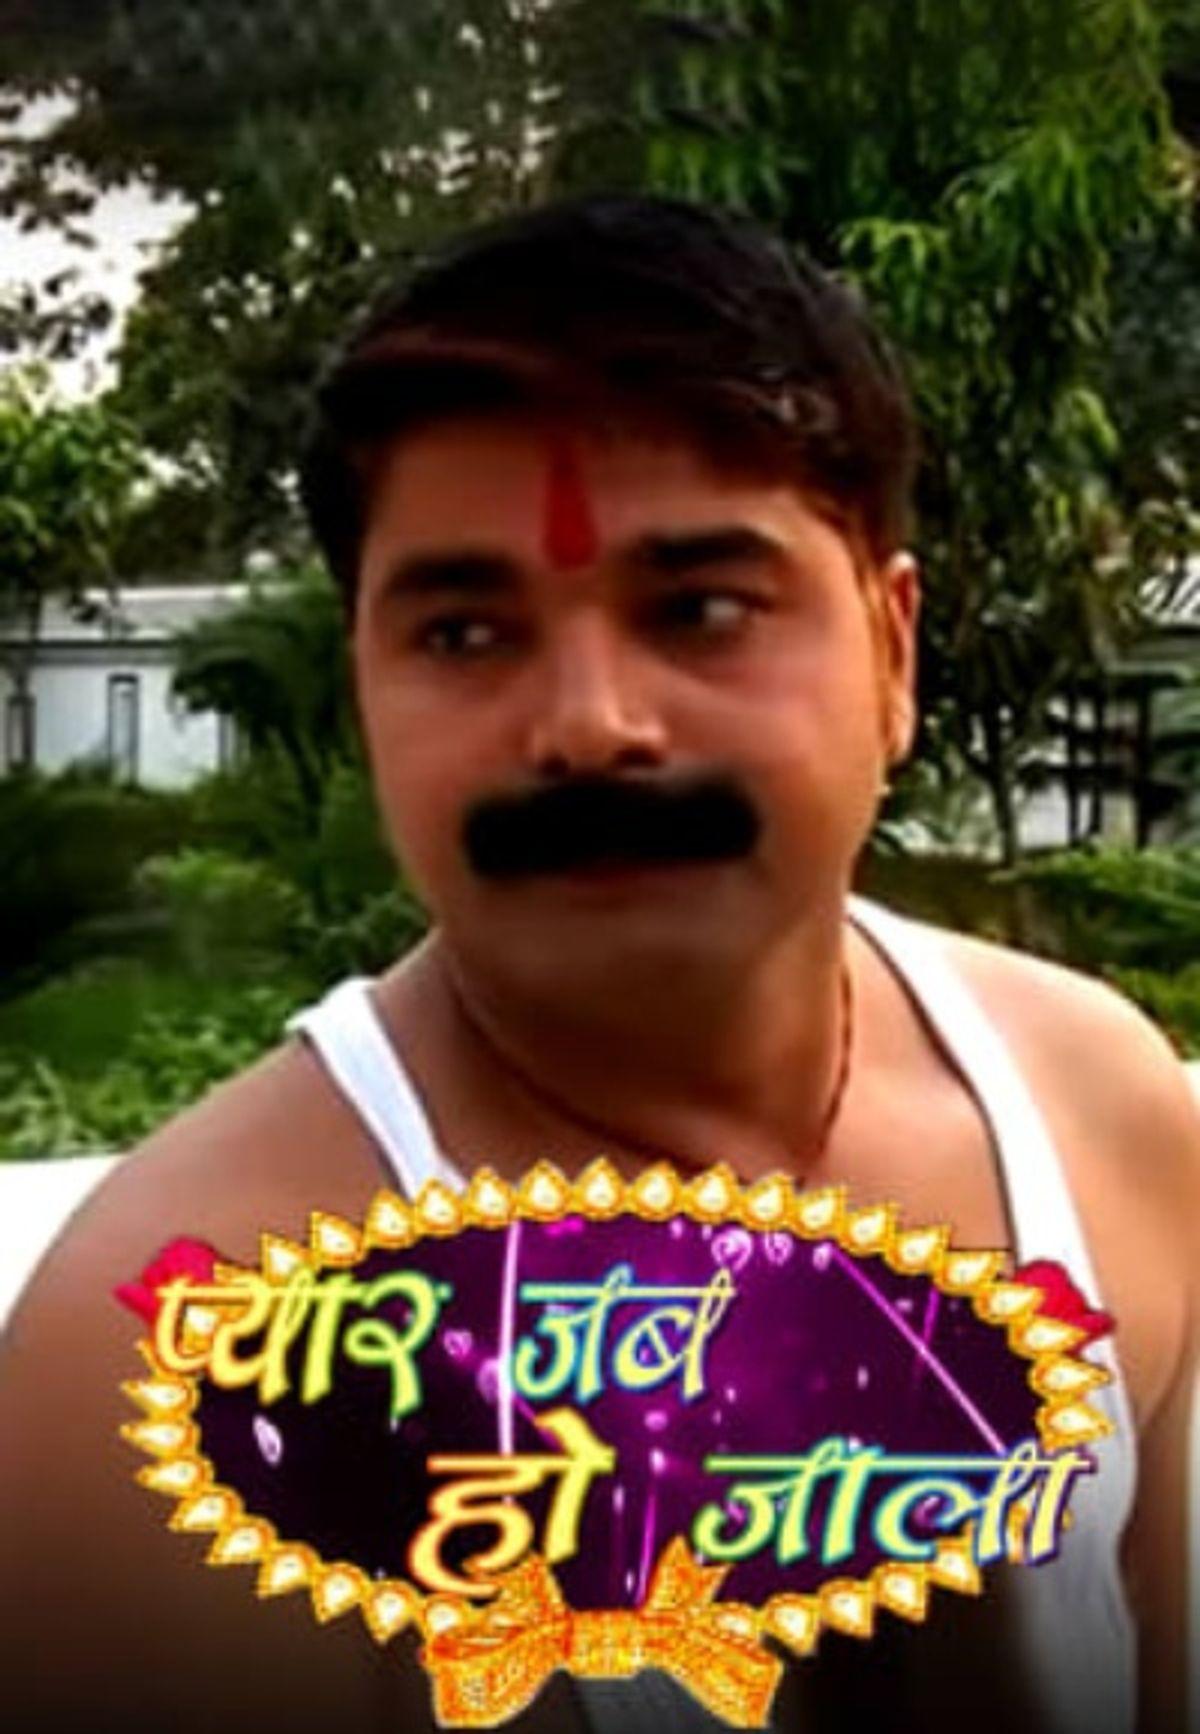 Pyar Ho Jala